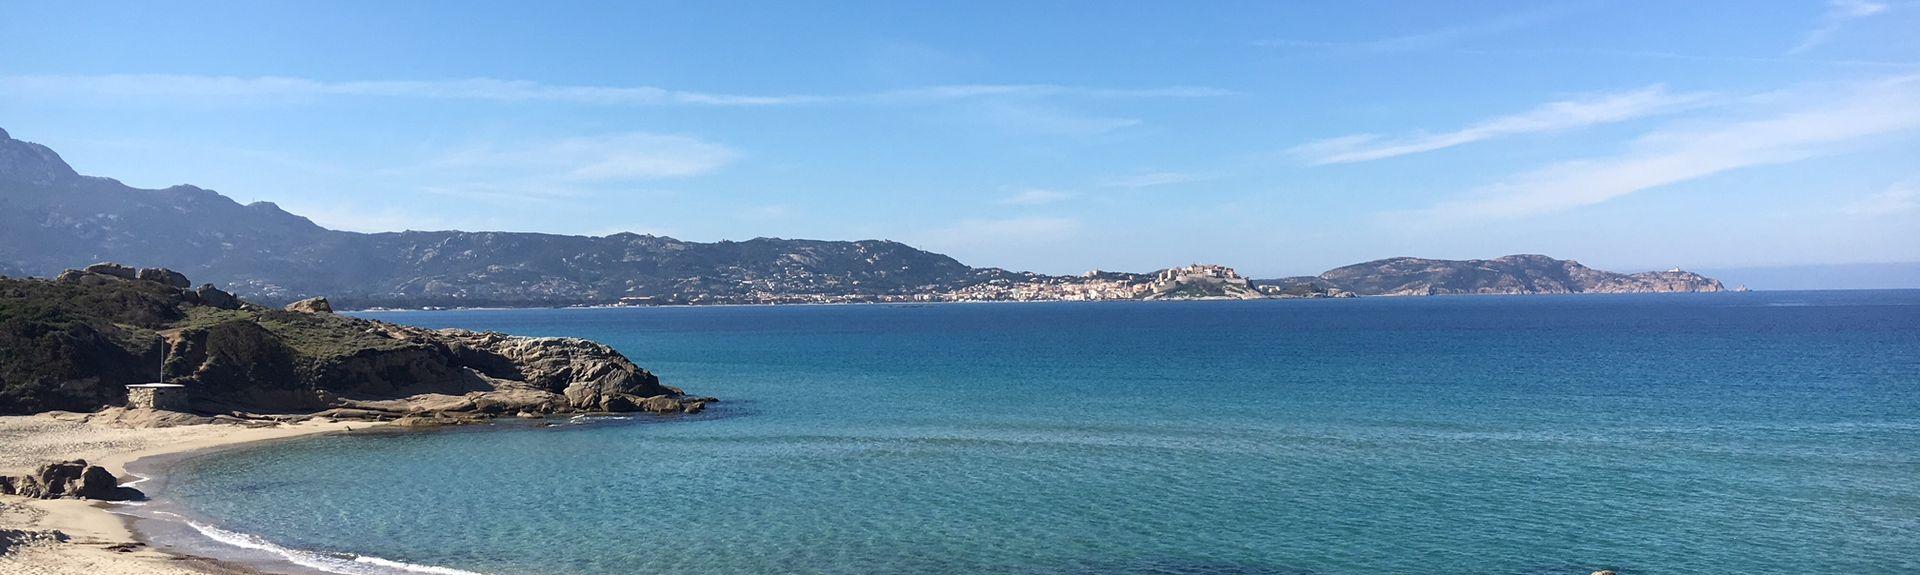 Lavatoggio, Haute-Corse, France